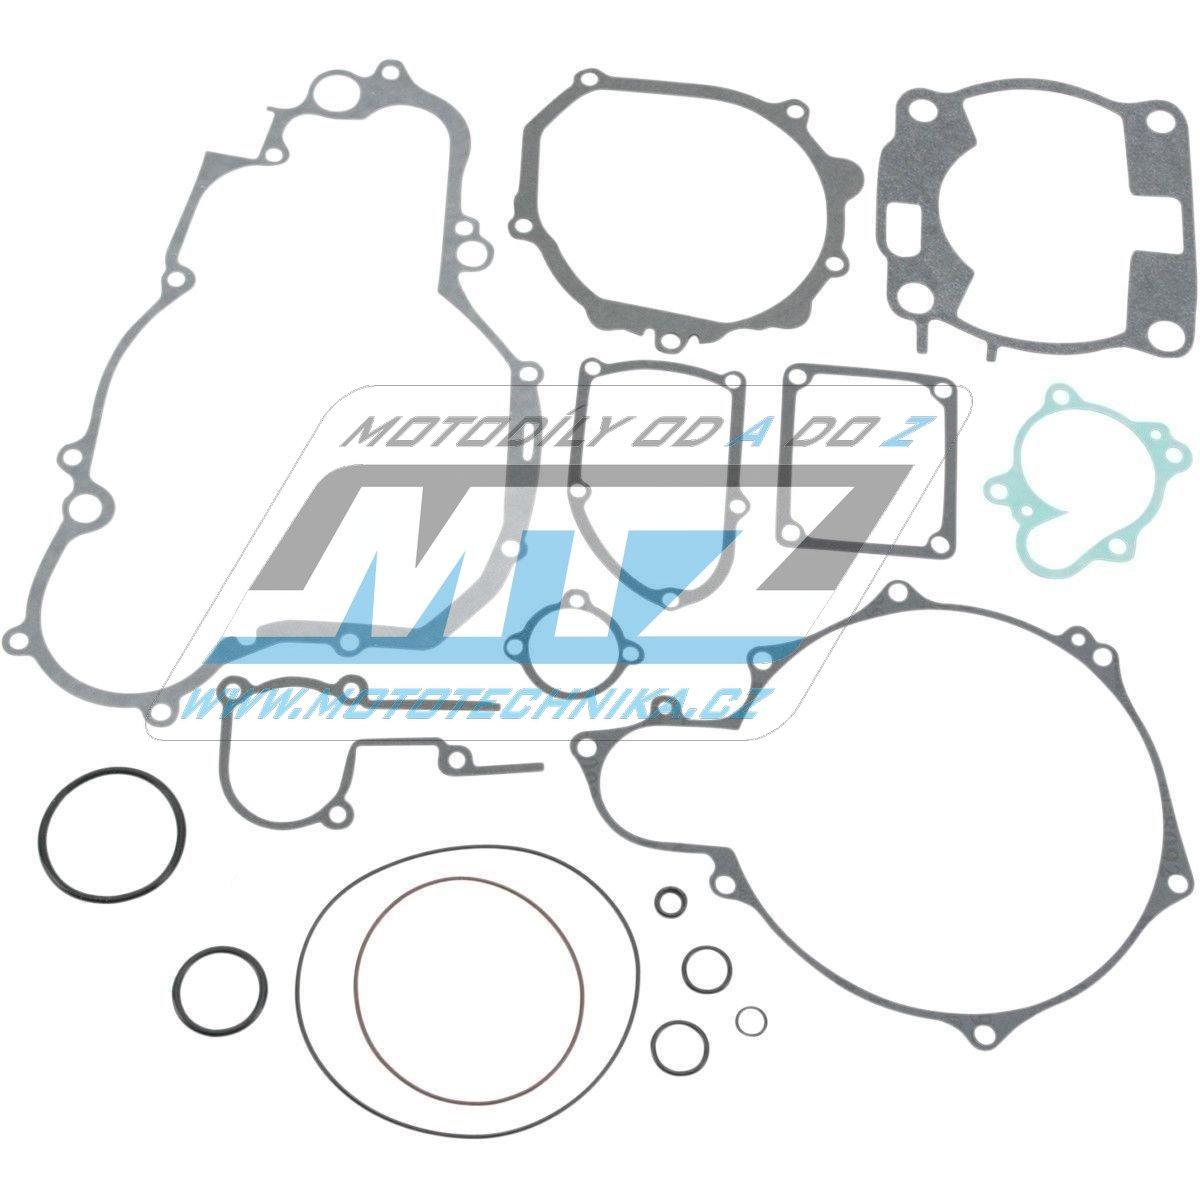 Těsnění kompletní motor Yamaha YZ250 / 95-96